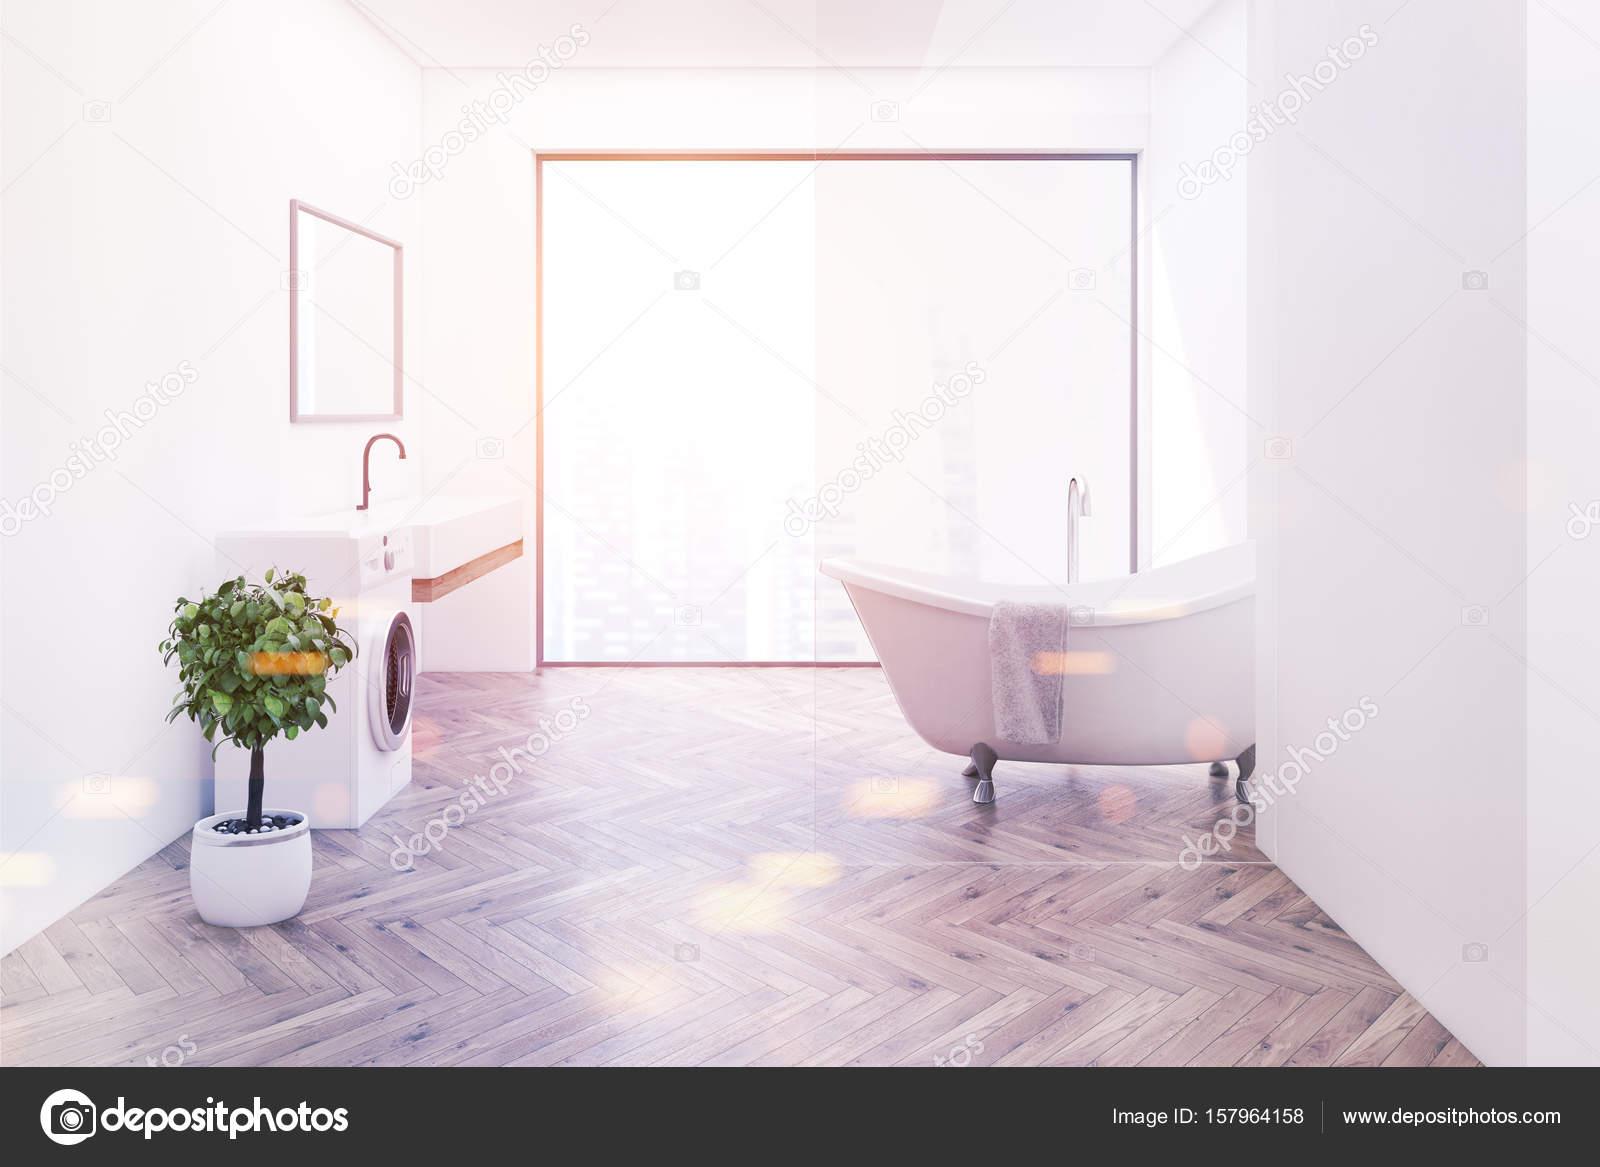 https://st3.depositphotos.com/2673929/15796/i/1600/depositphotos_157964158-stockafbeelding-houten-vloer-badkamer-zijaanzicht-toned.jpg